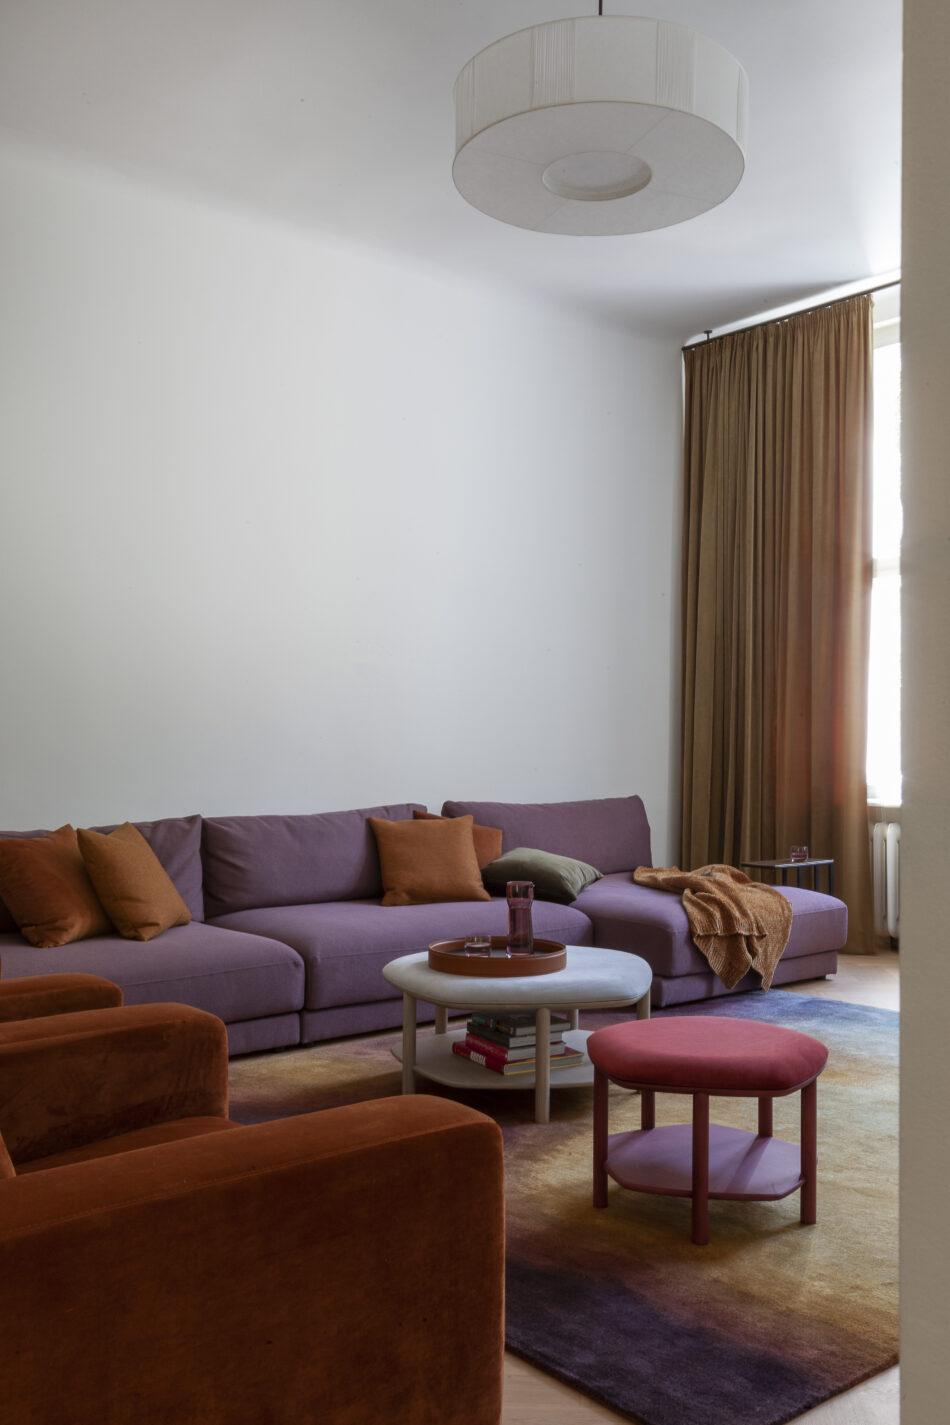 Antonius Schimmelbusch_Apartment_Berlin_Anne-Catherine Scoffoni_privat_16